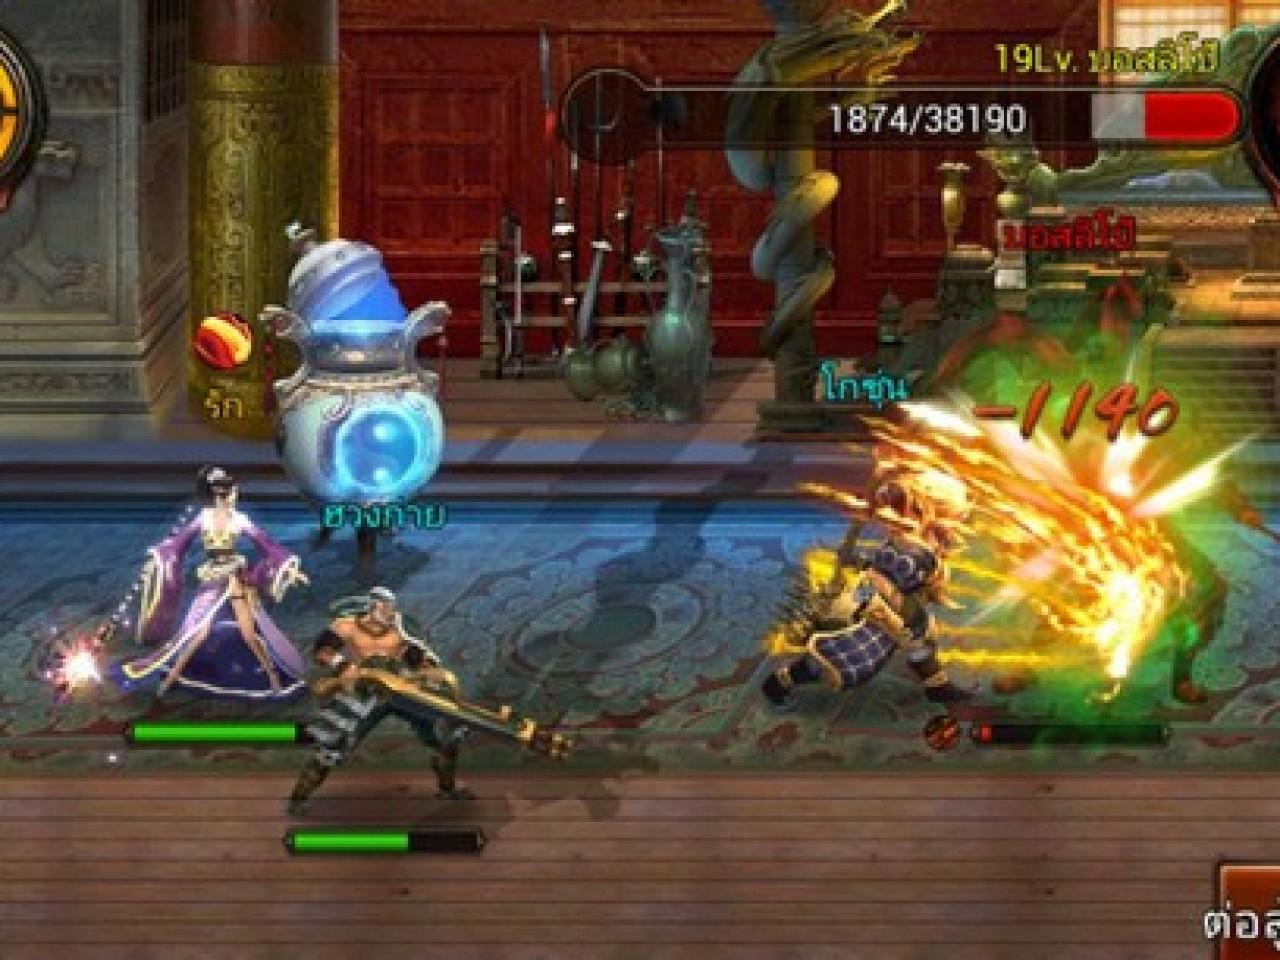 LemonGame งัดไม้เด็ด! เตรียมเปิดเกมส์มือถือใหม่แนว 3 ก๊ก 3K Legend